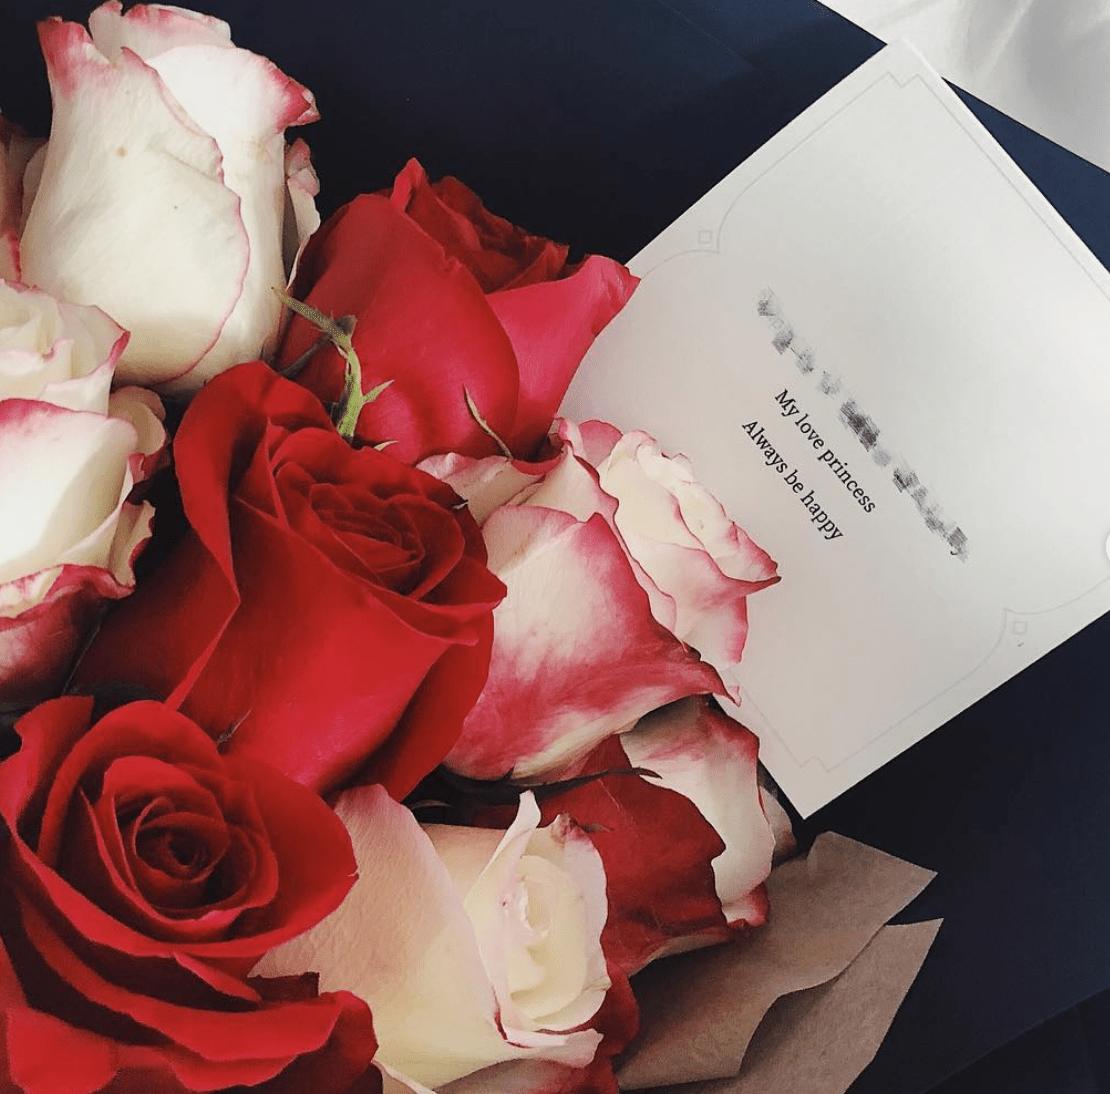 Một bó hoa hồng kèm lời yêu thương dành cho nửa kia